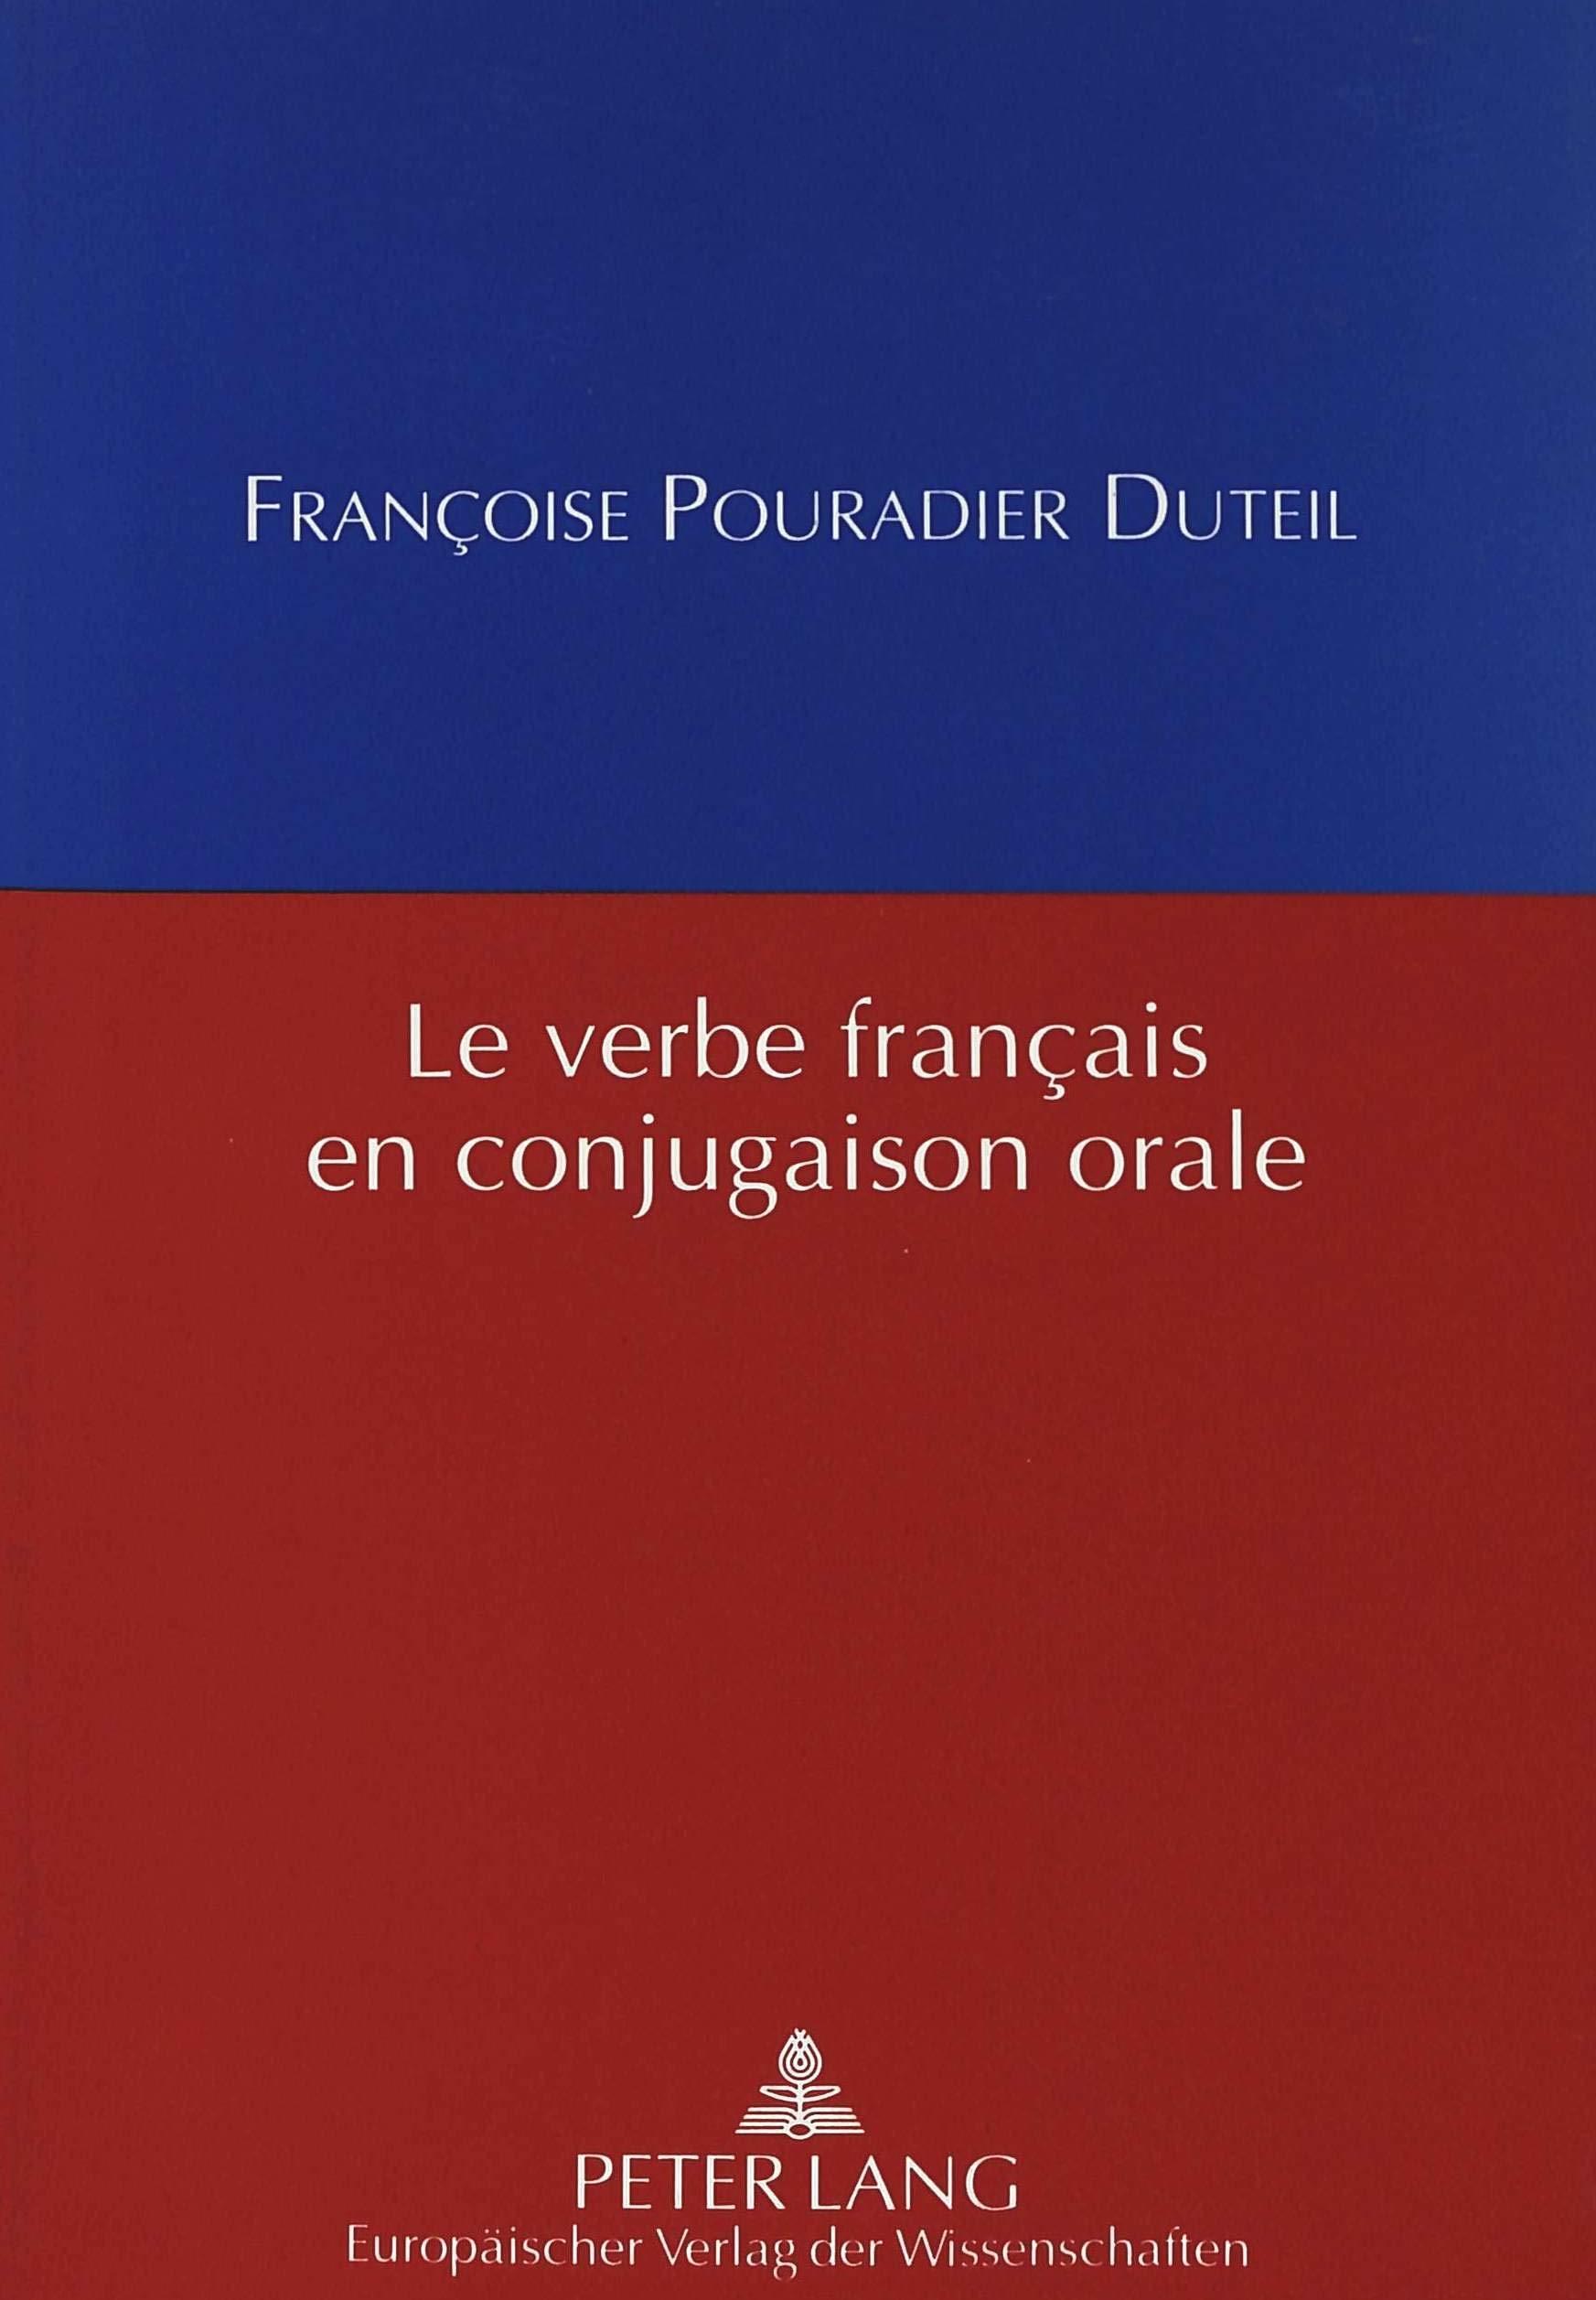 Le Verbe Francais En Conjugaison Orale French Edition Pouradier Duteil Francoise 9783631305041 Amazon Com Books